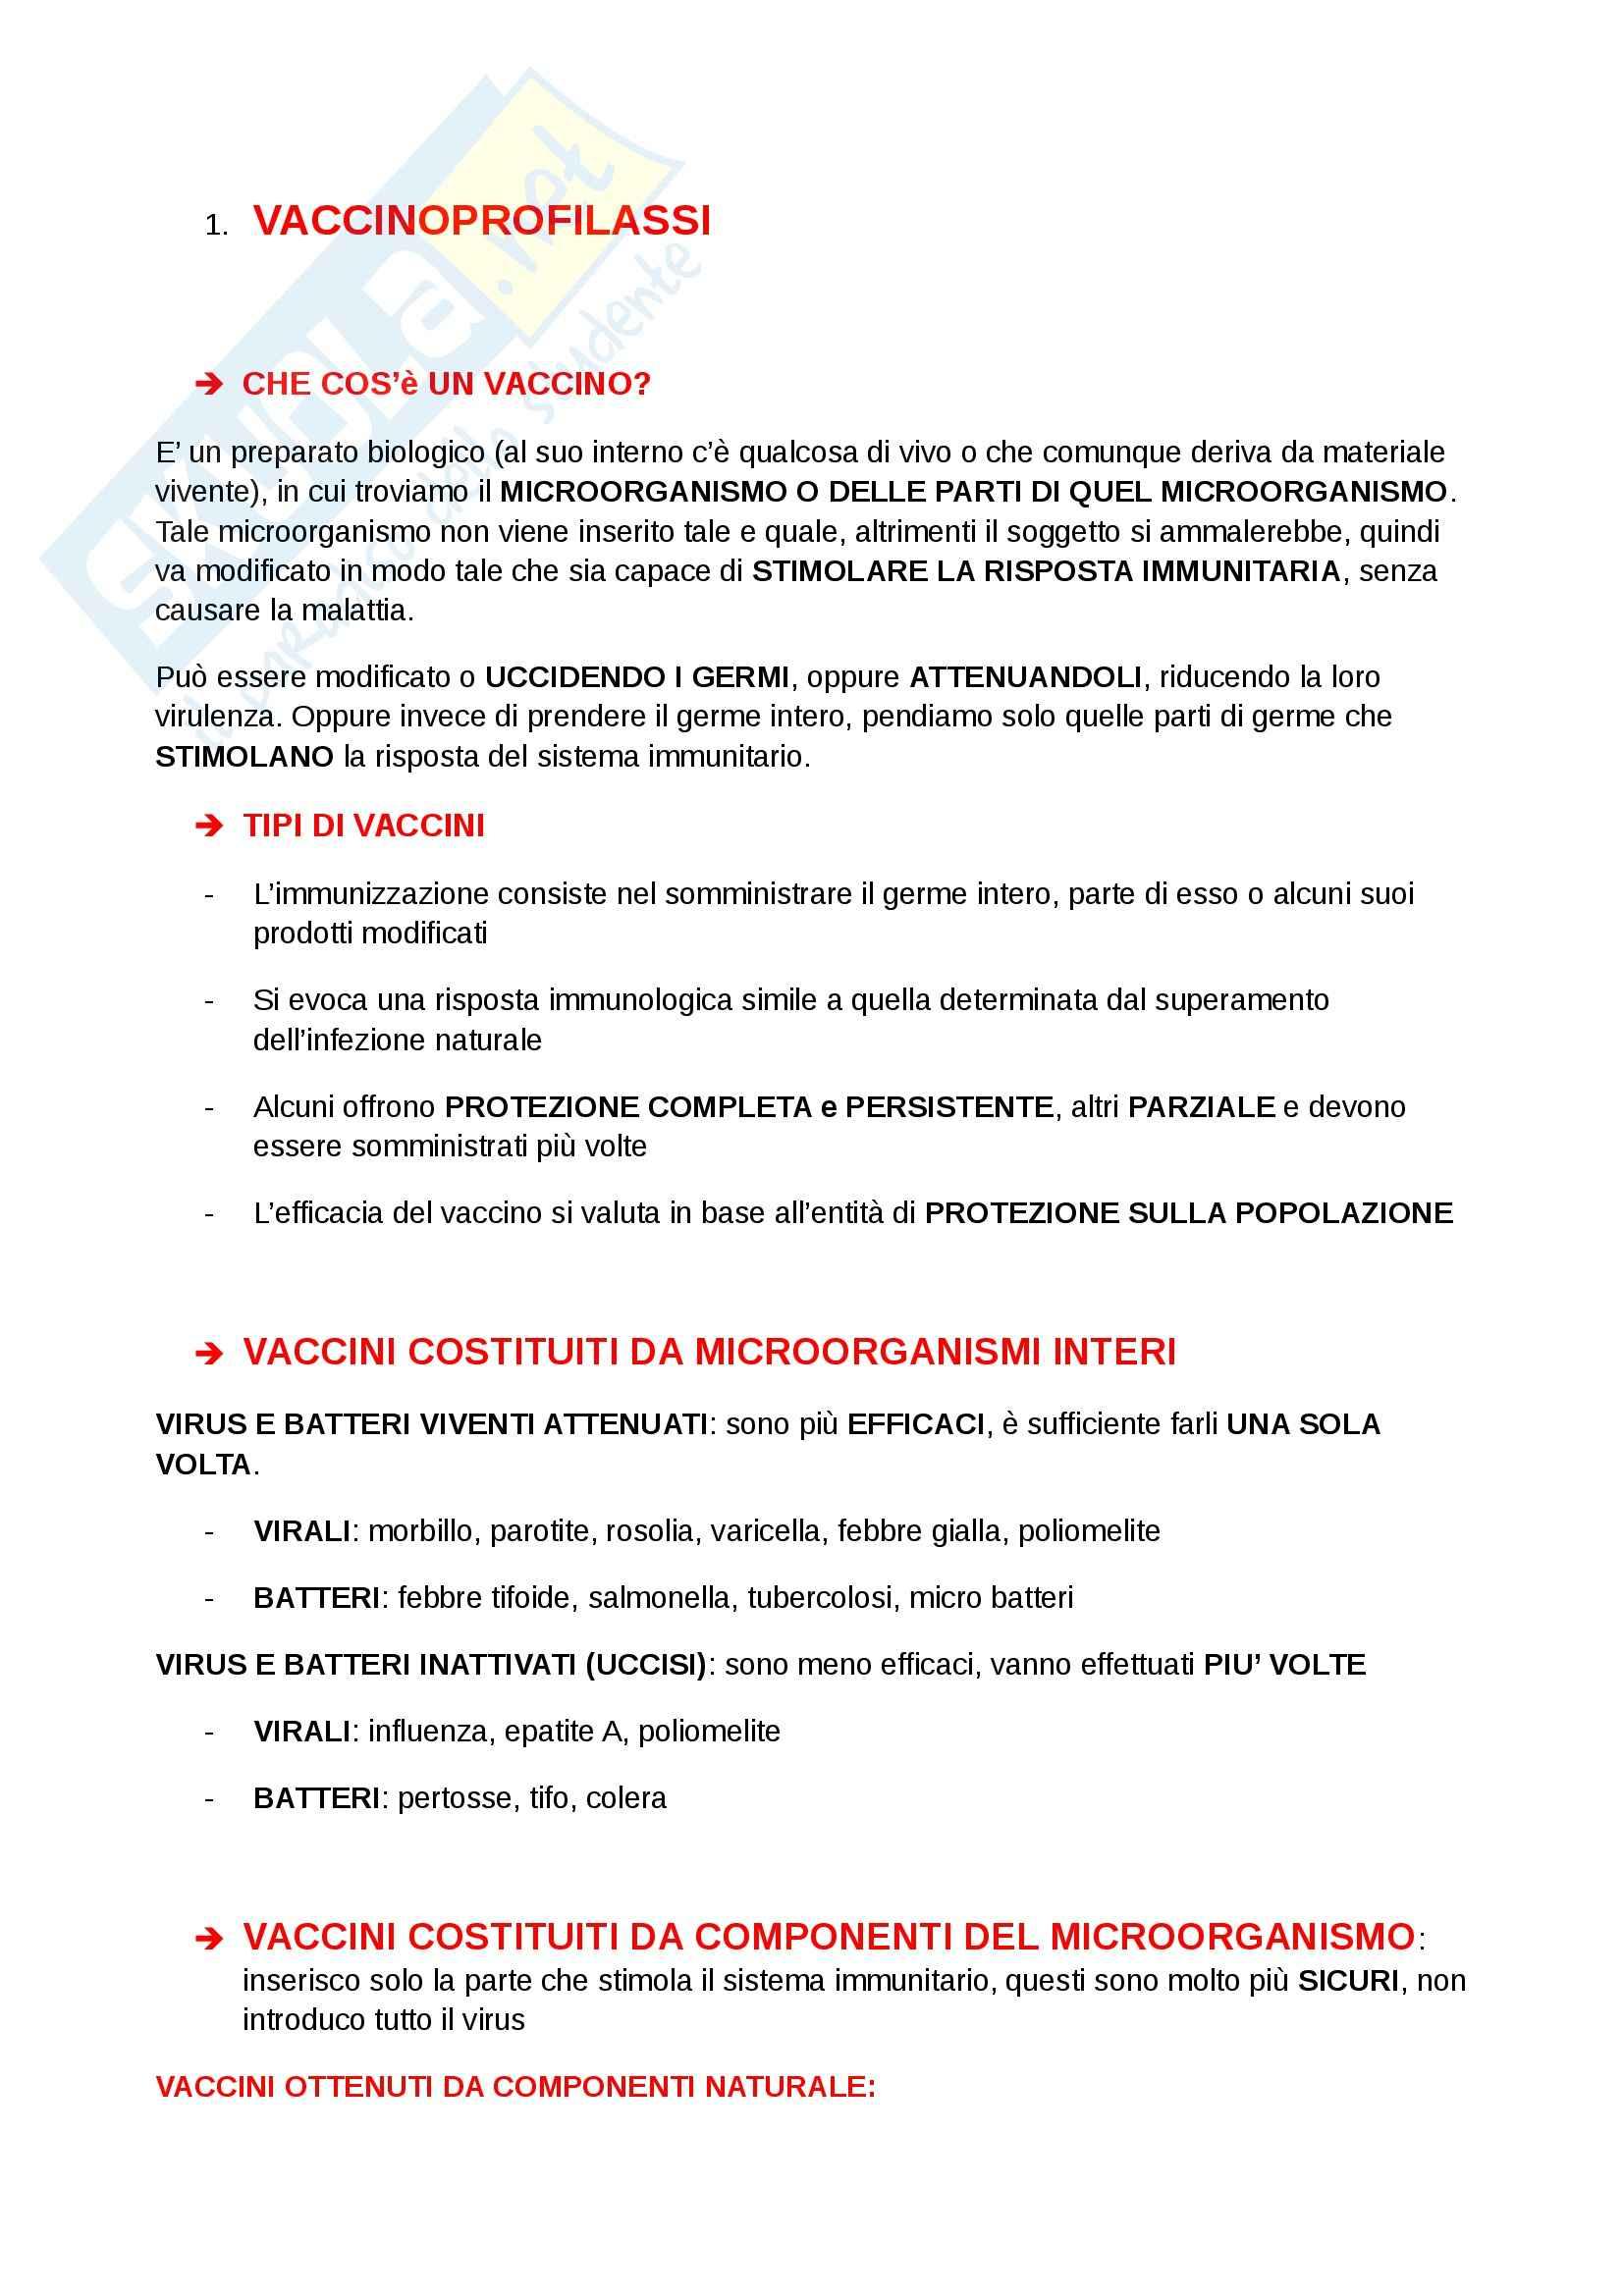 Igiene e sanità pubblica per le scienze motorie  - Appunti Pag. 41